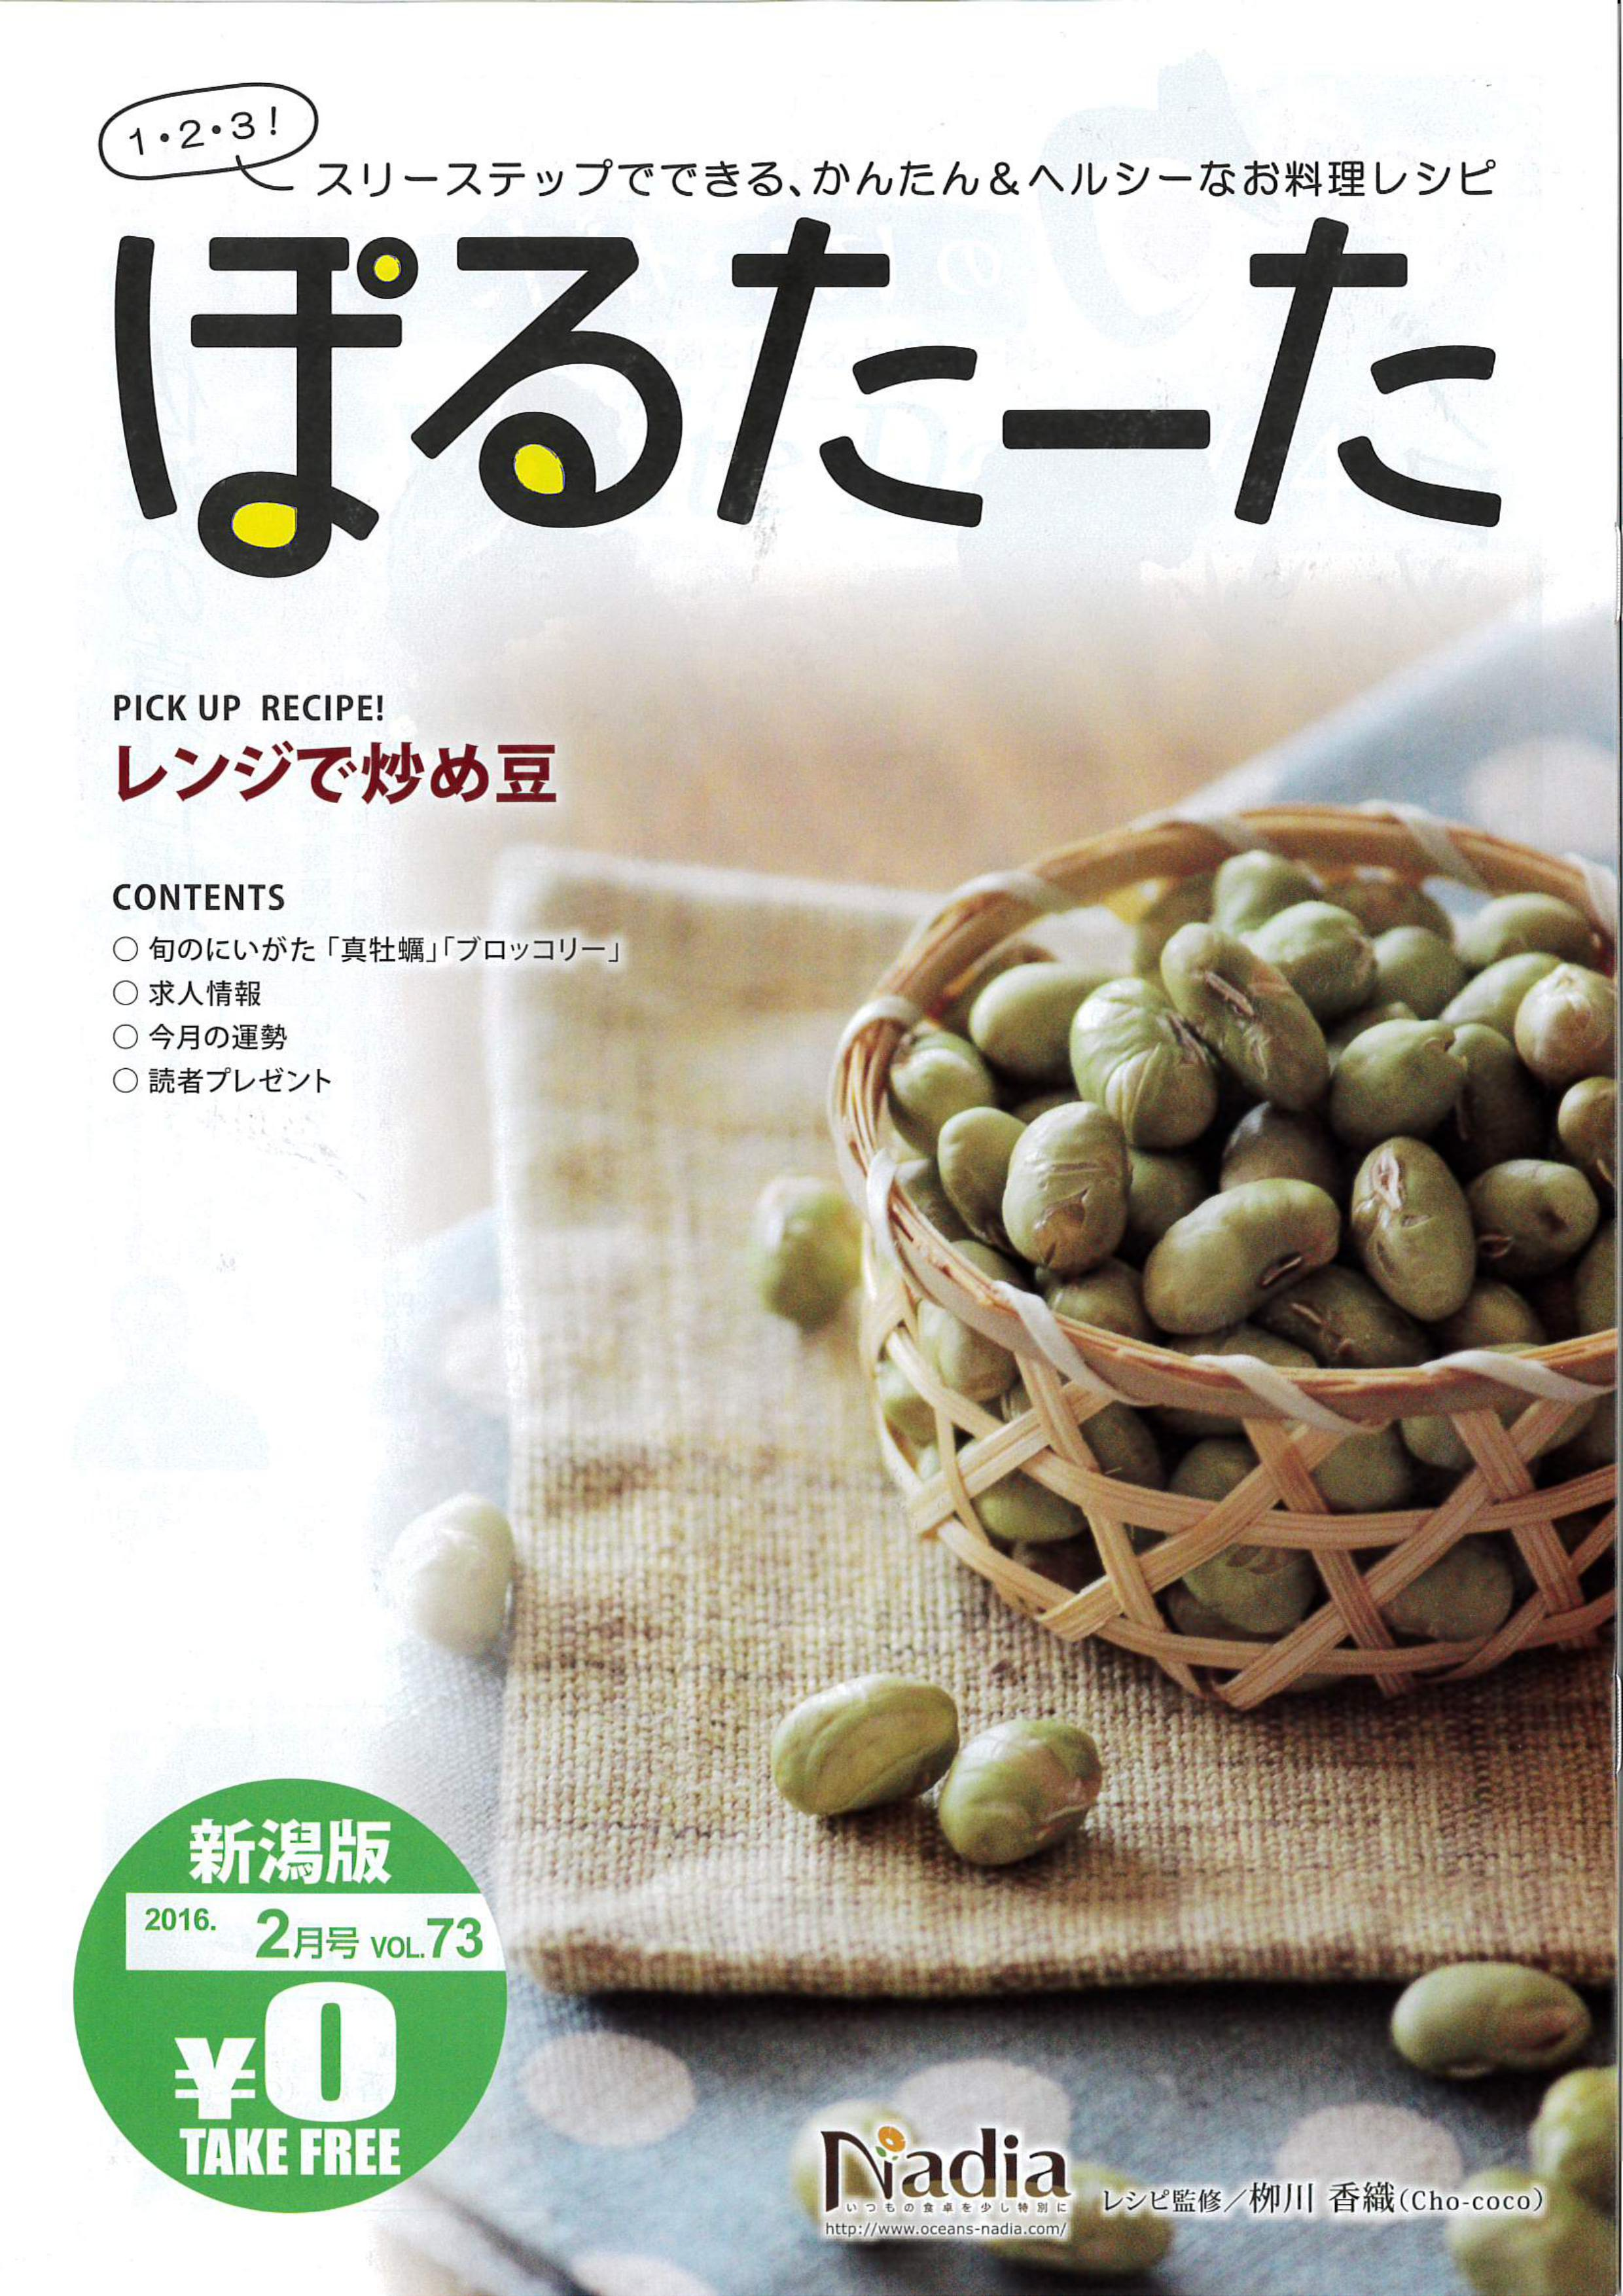 栁川かおり:フリーペーパー「ぽるたーたVOL.73(2月号)」にレシピが掲載されました!